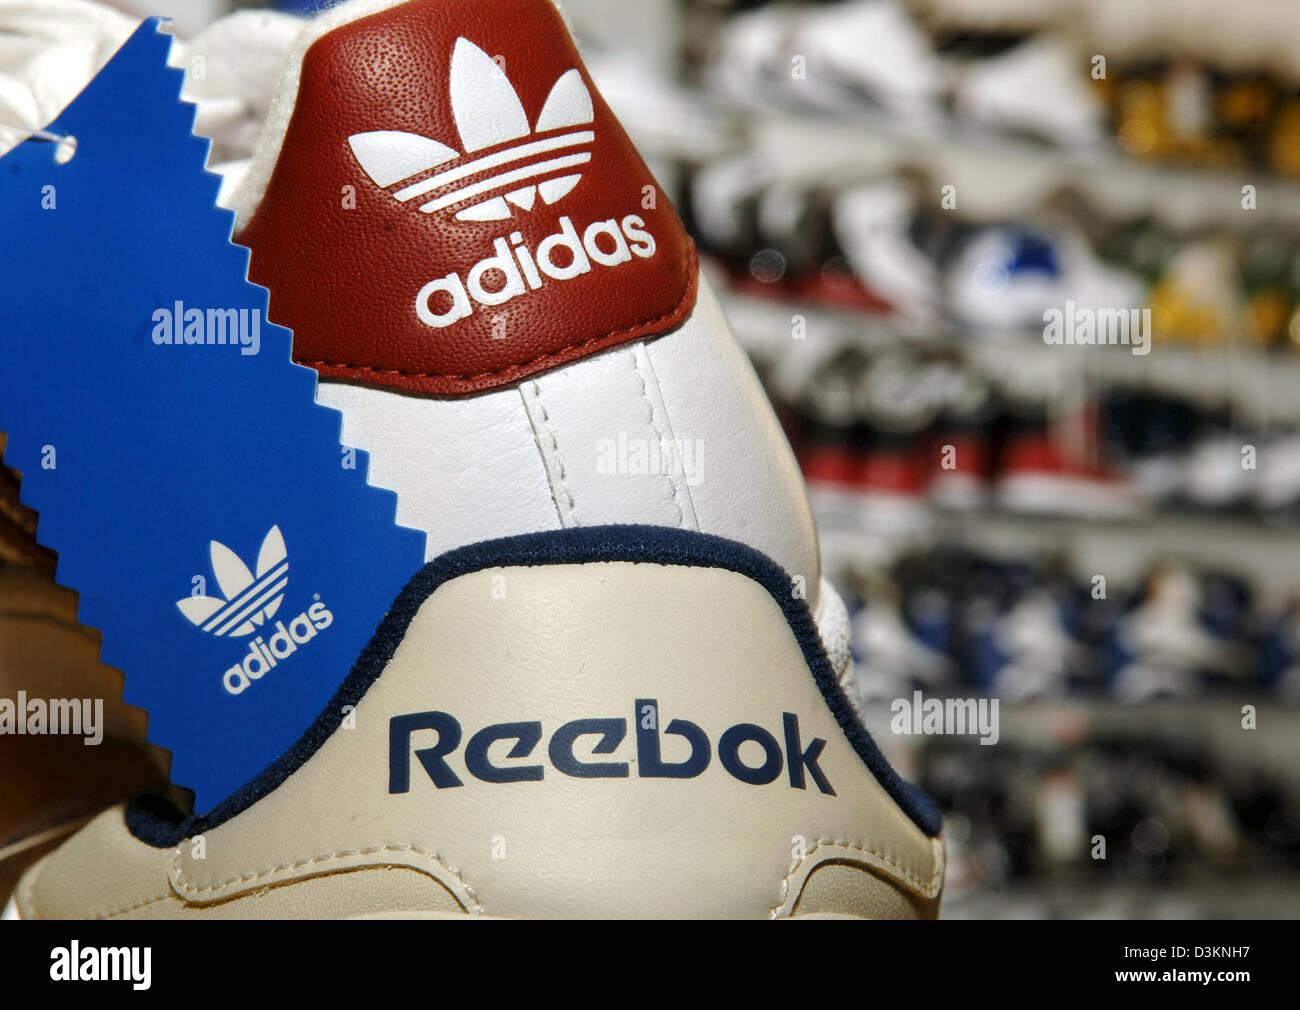 (Dpa) - l immagine mostra un Adidas sneaker sulla parte superiore di un ecc2beb1876